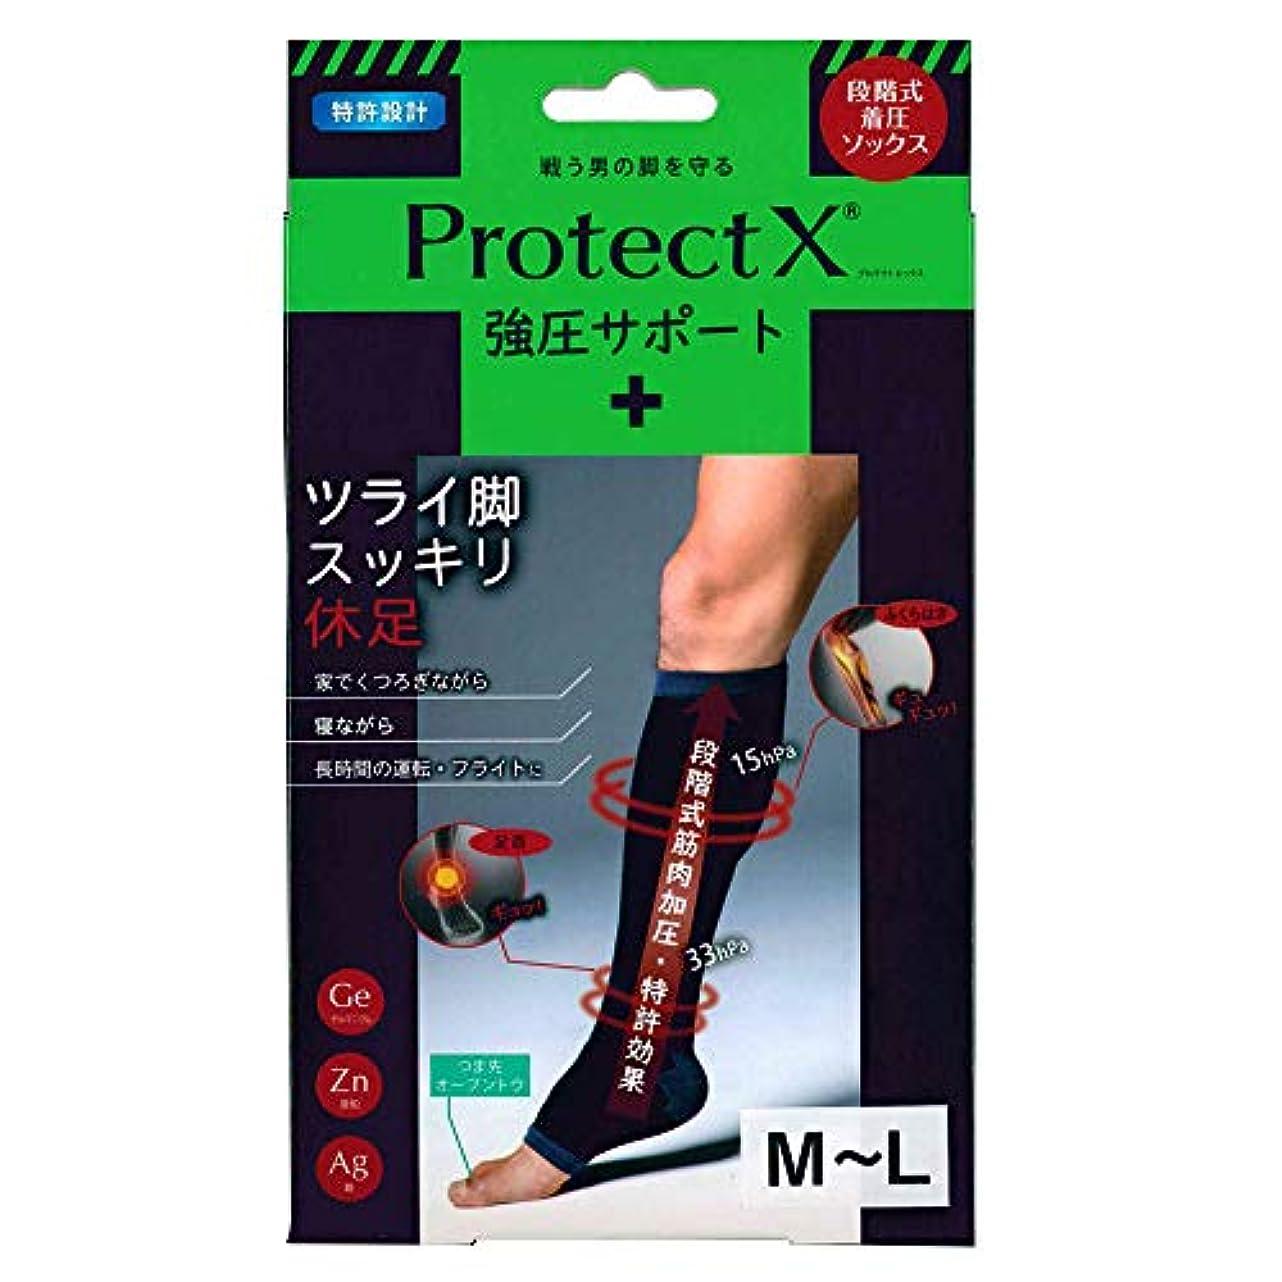 ケーブル飛び込むマーガレットミッチェルProtect X(プロテクトエックス) 強圧サポート オープントゥ着圧ソックス 膝下 (膝下M-L)